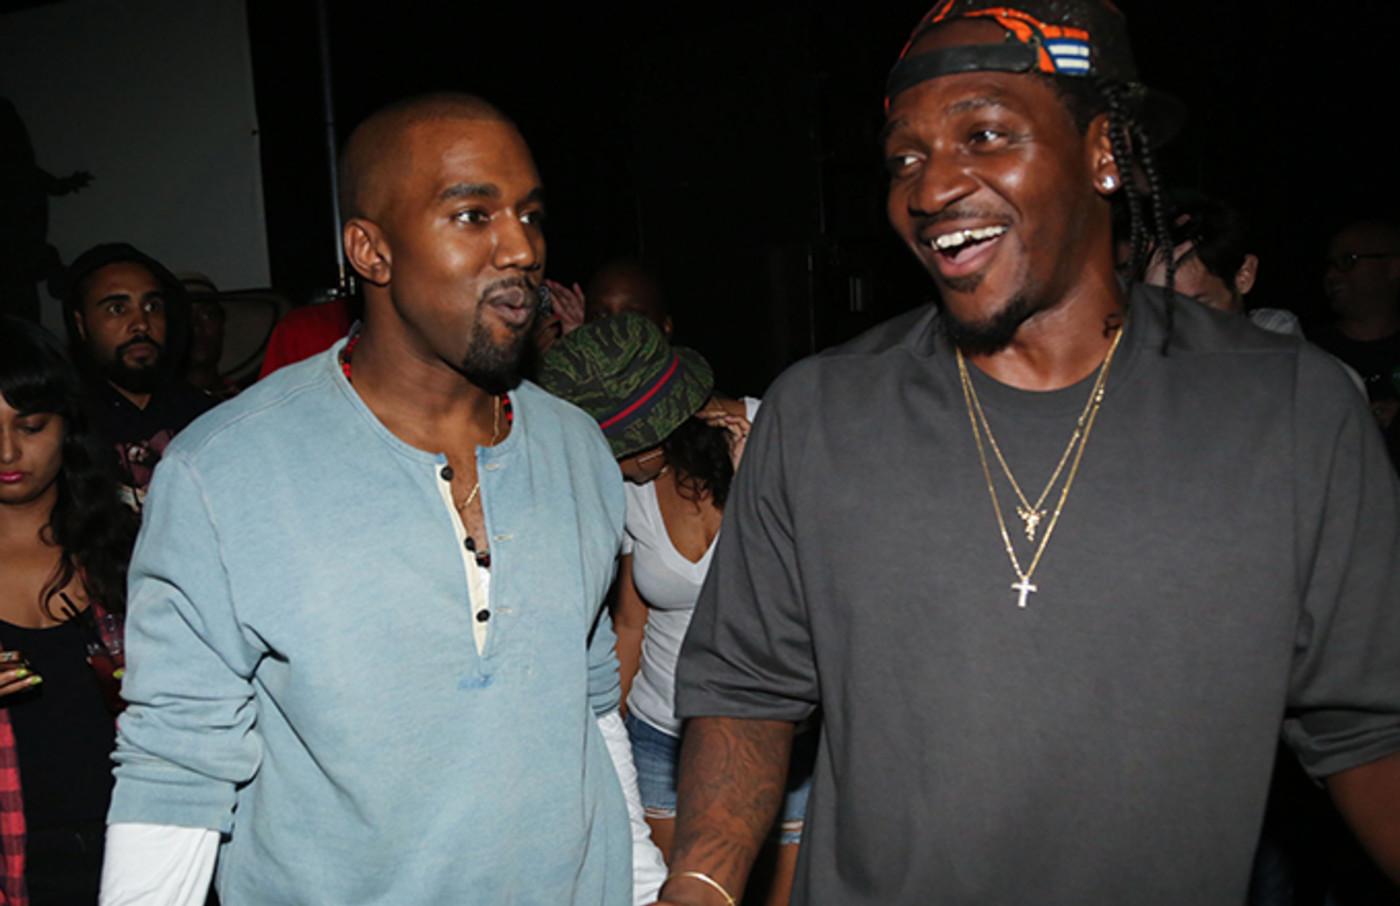 Kanye and Pusha